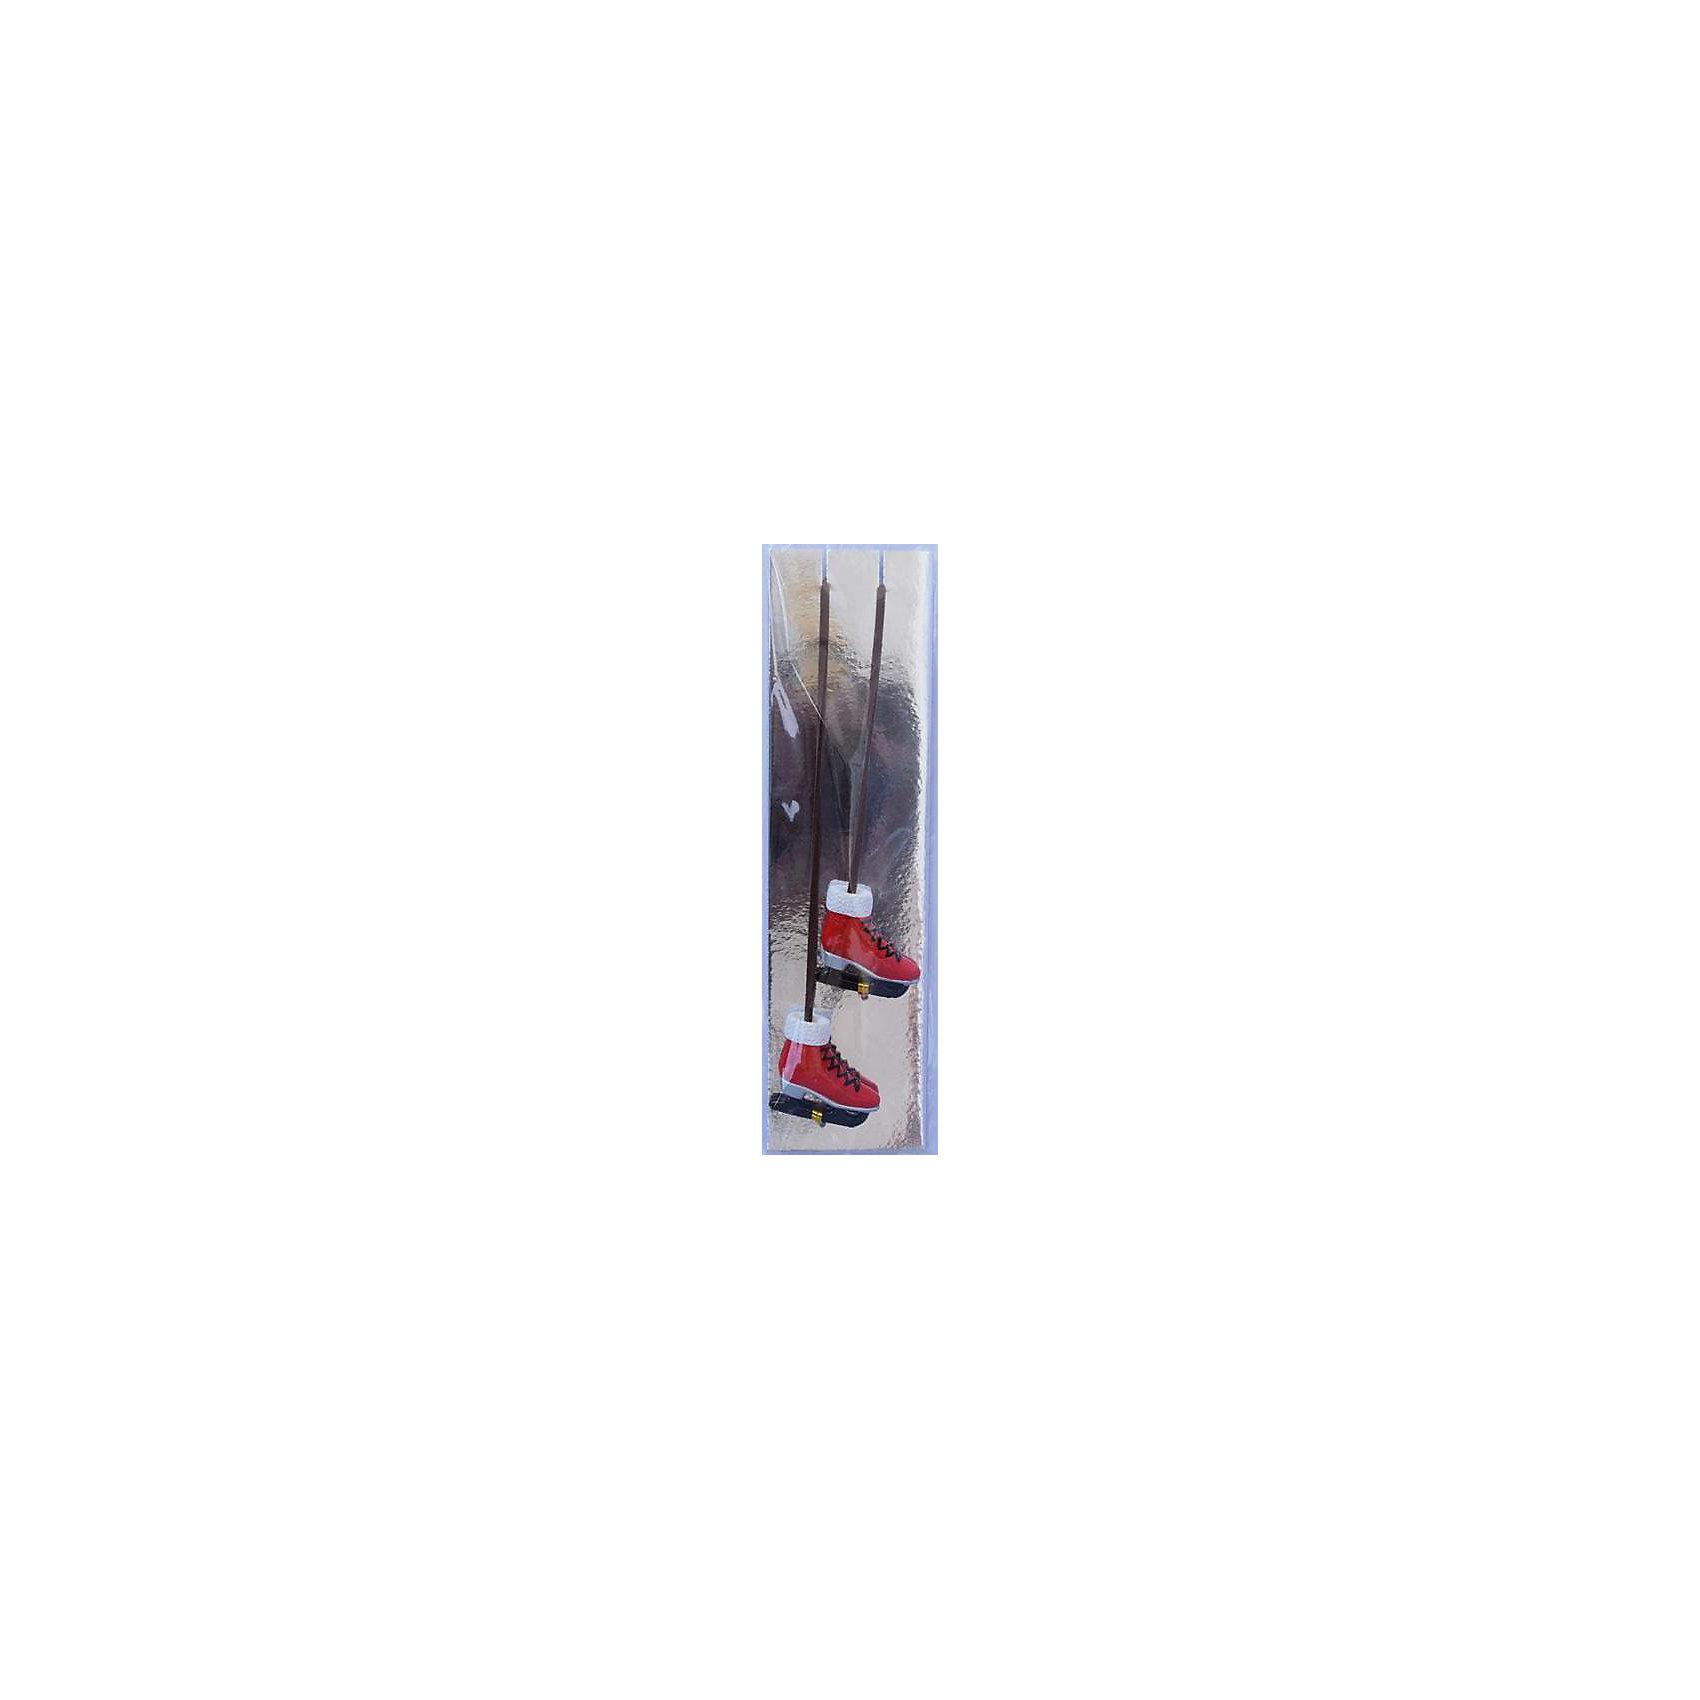 Magic Time Набор украшений Красные коньки 2 шт magic time набор украшений королевские ключи 2 шт